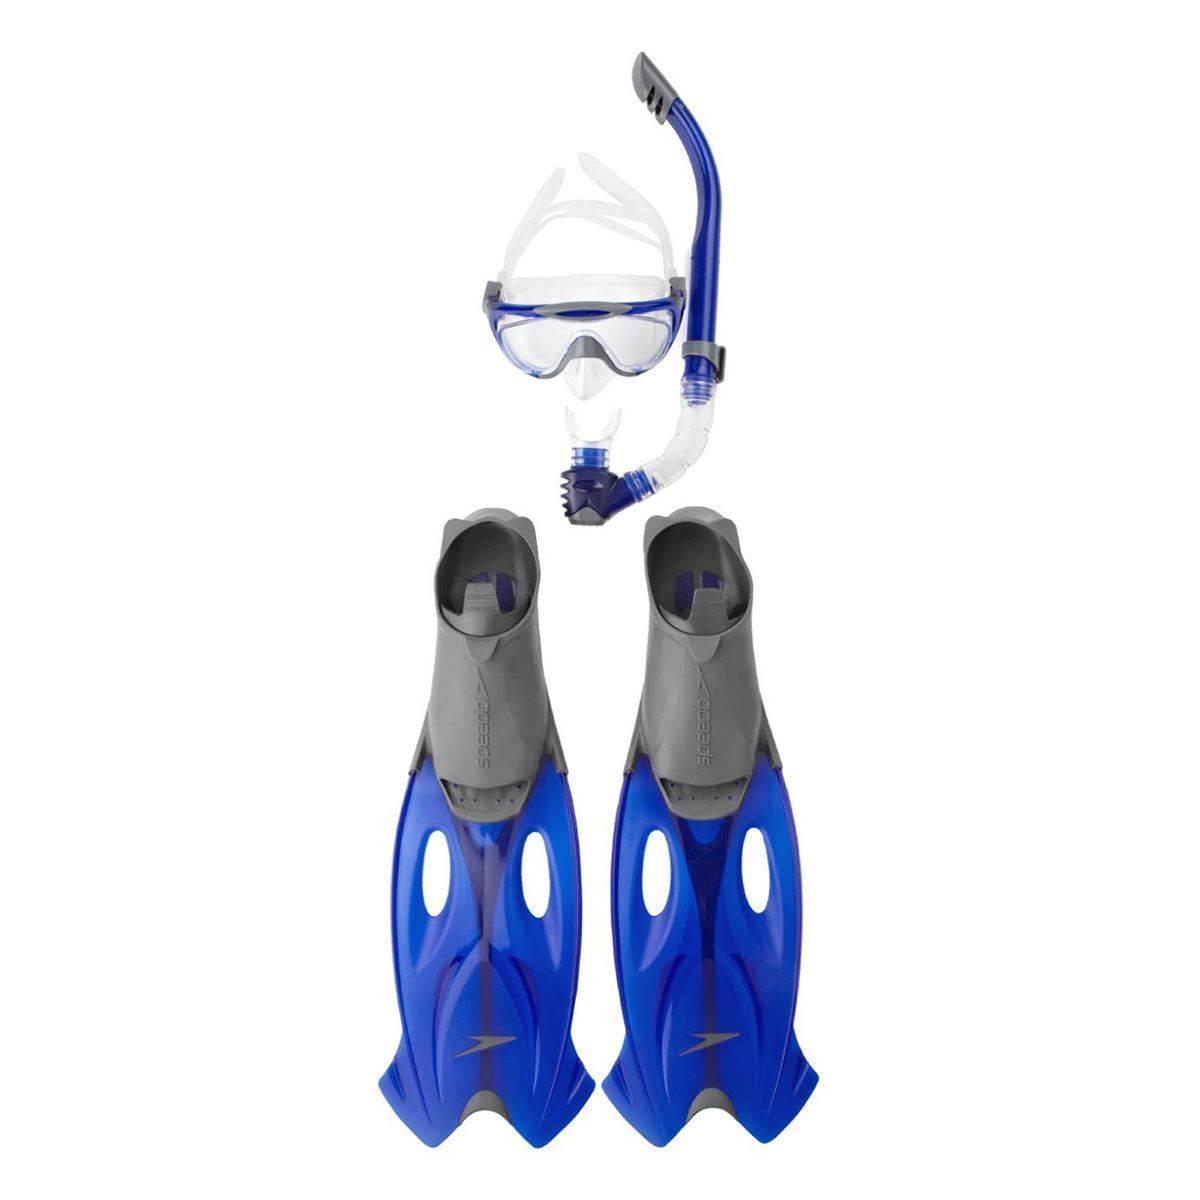 Speedo Glıdefıns Unı Gre/Blu Çocuk Şnorkel Palet Seti. S8016555052A